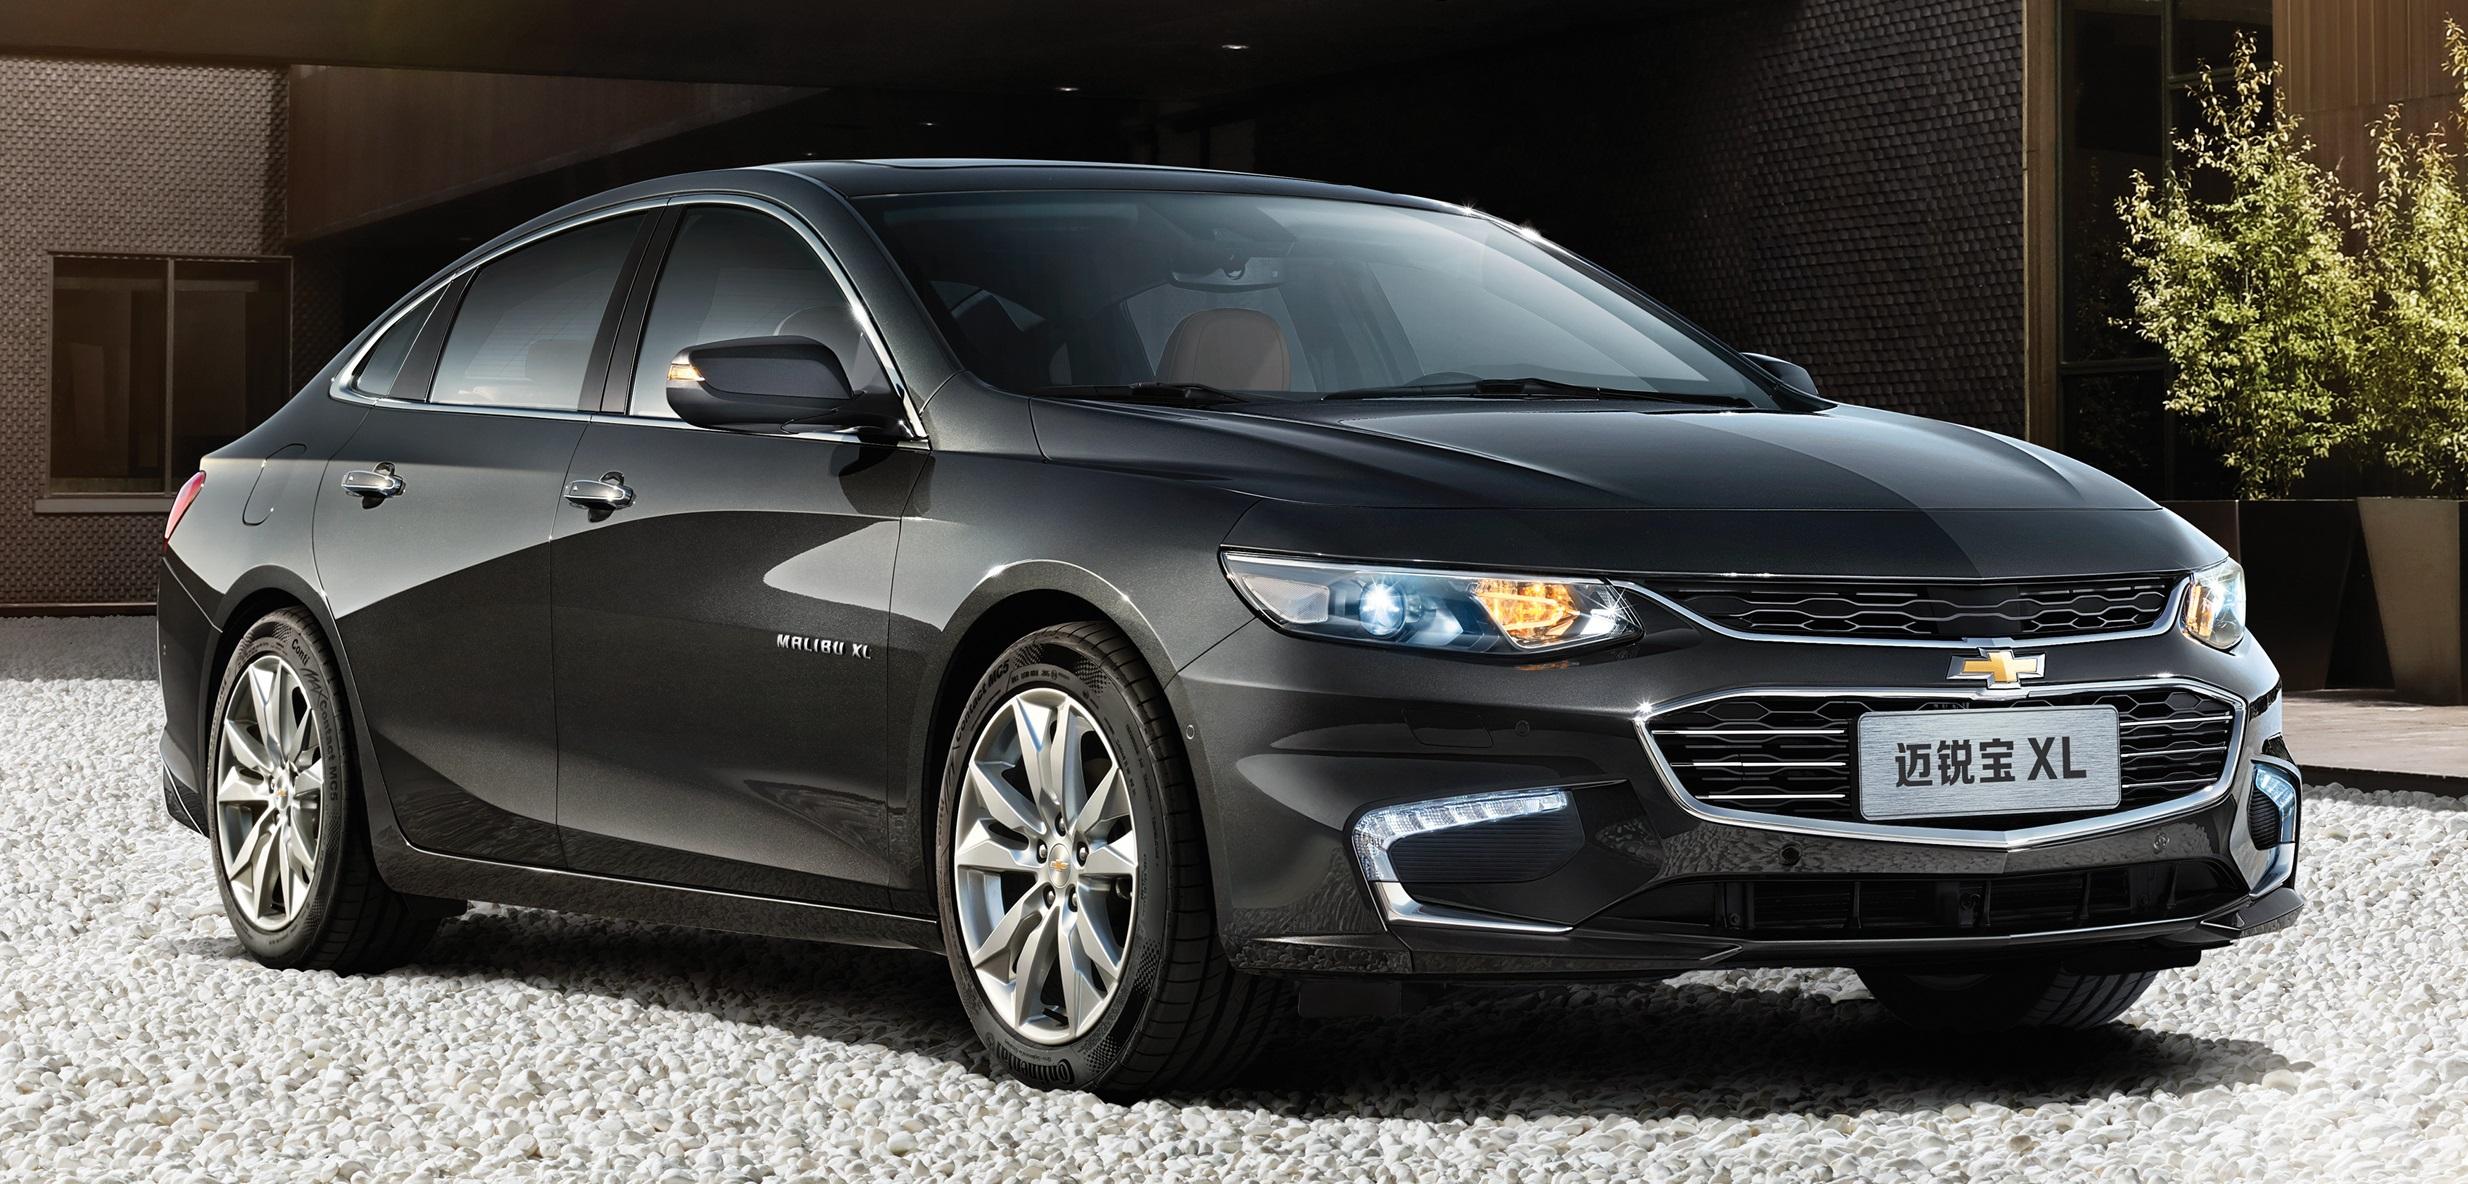 Chevrolet apresenta Malibu XL, com maior espaço para passageiros